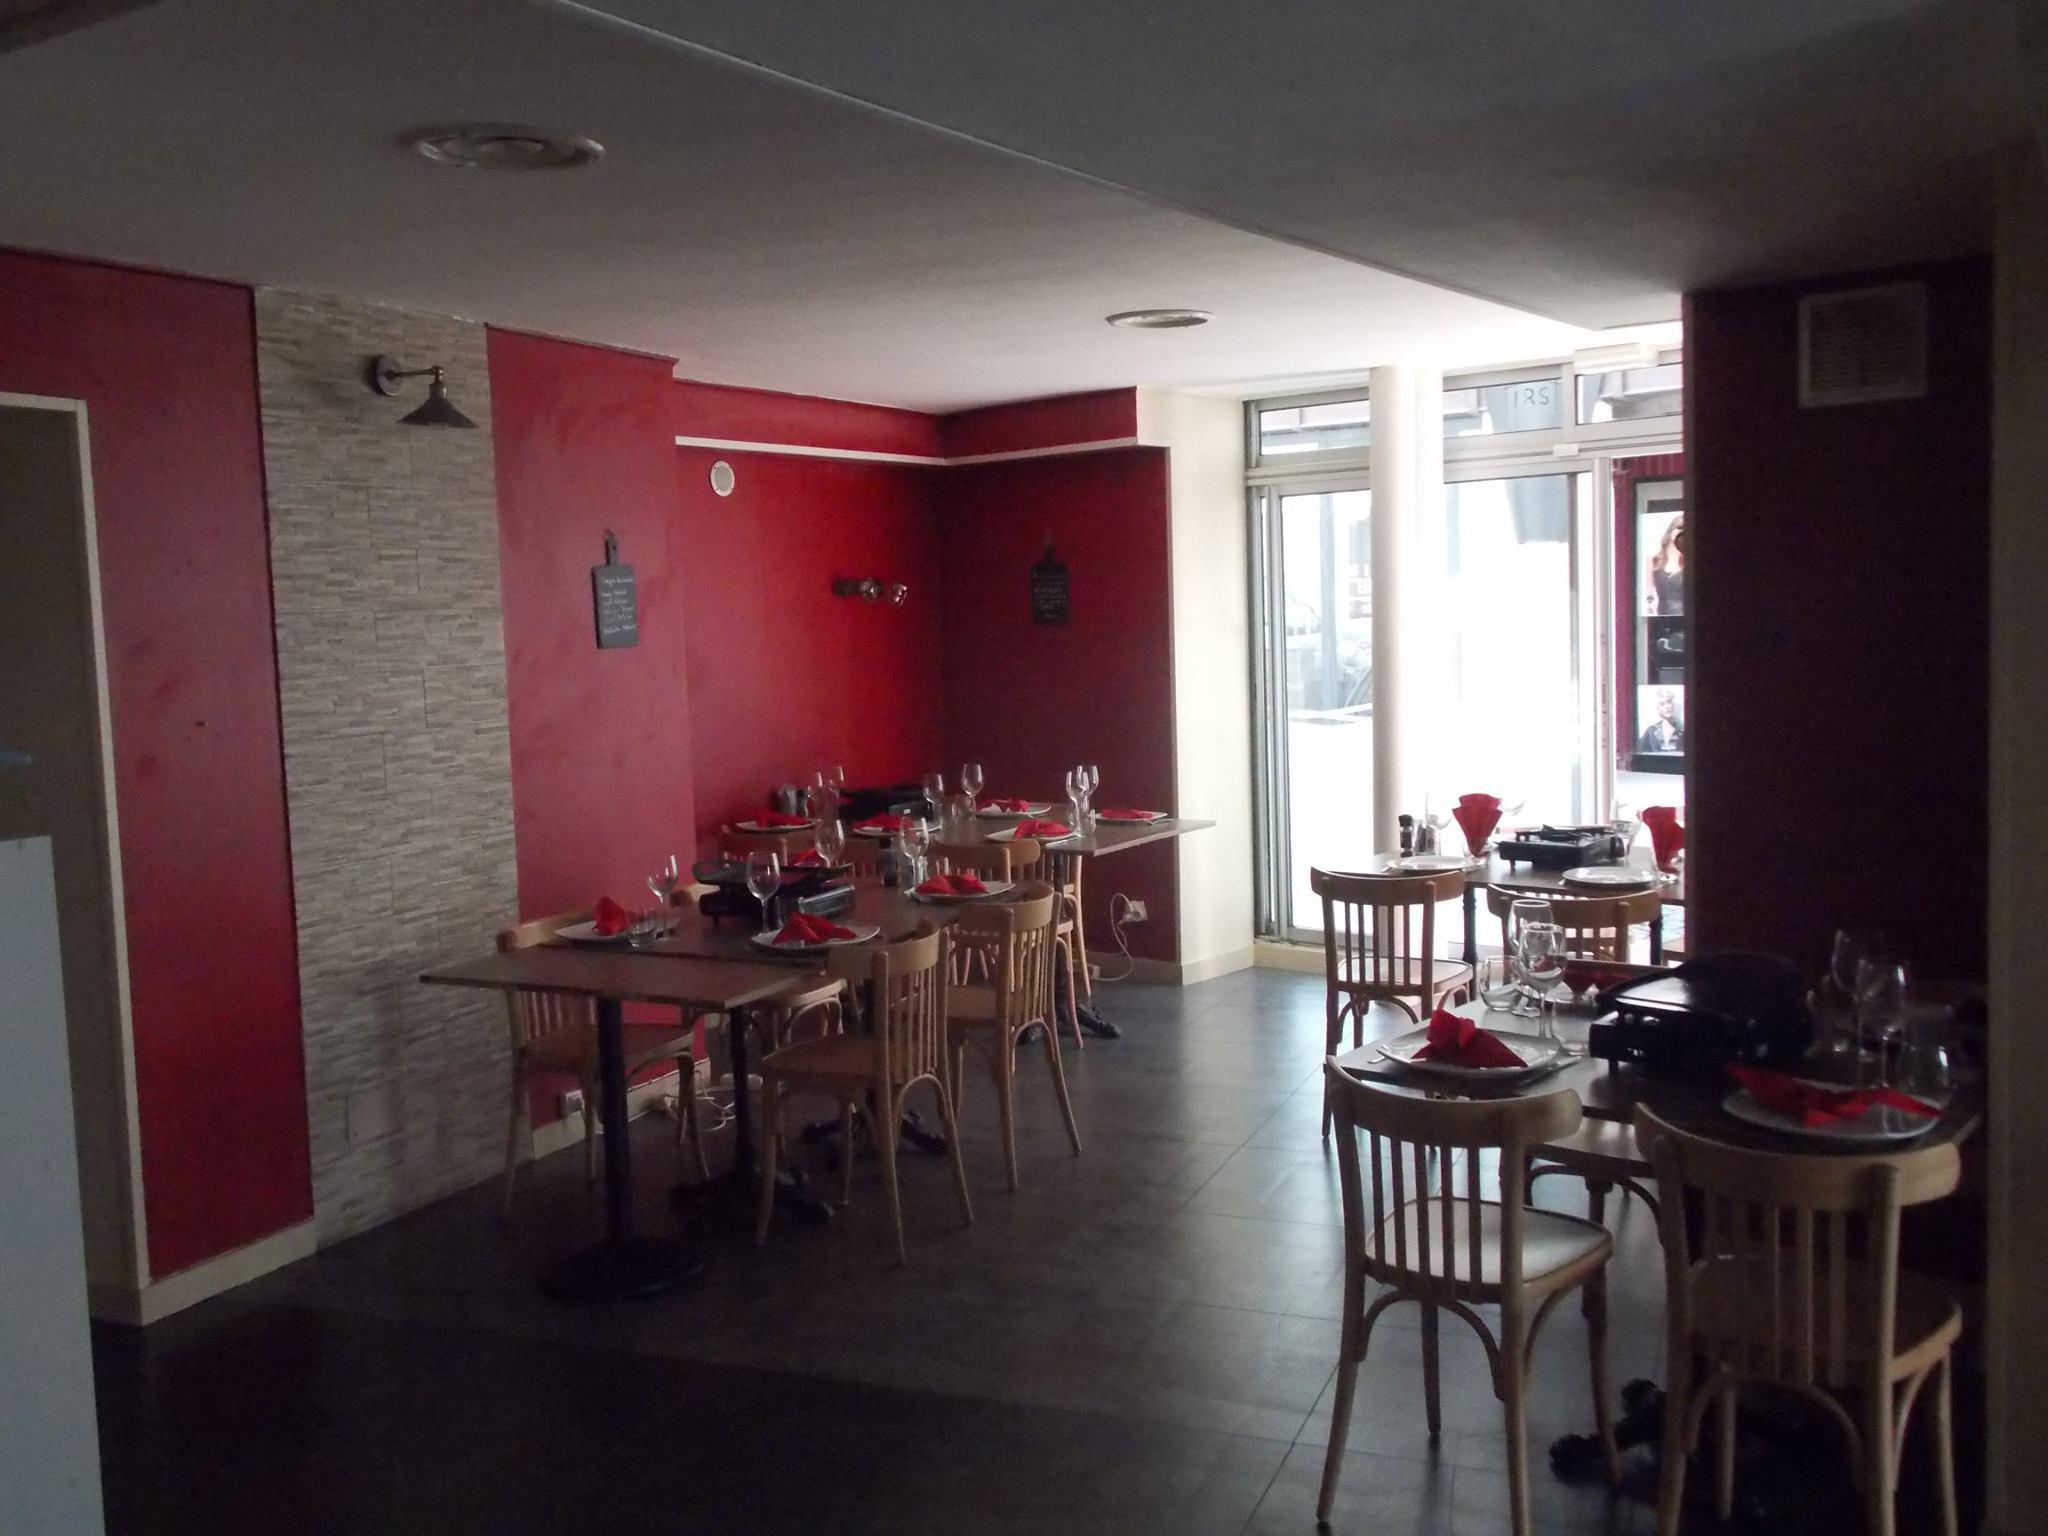 Restaurant à Tapas à Angoulême : La Plancha